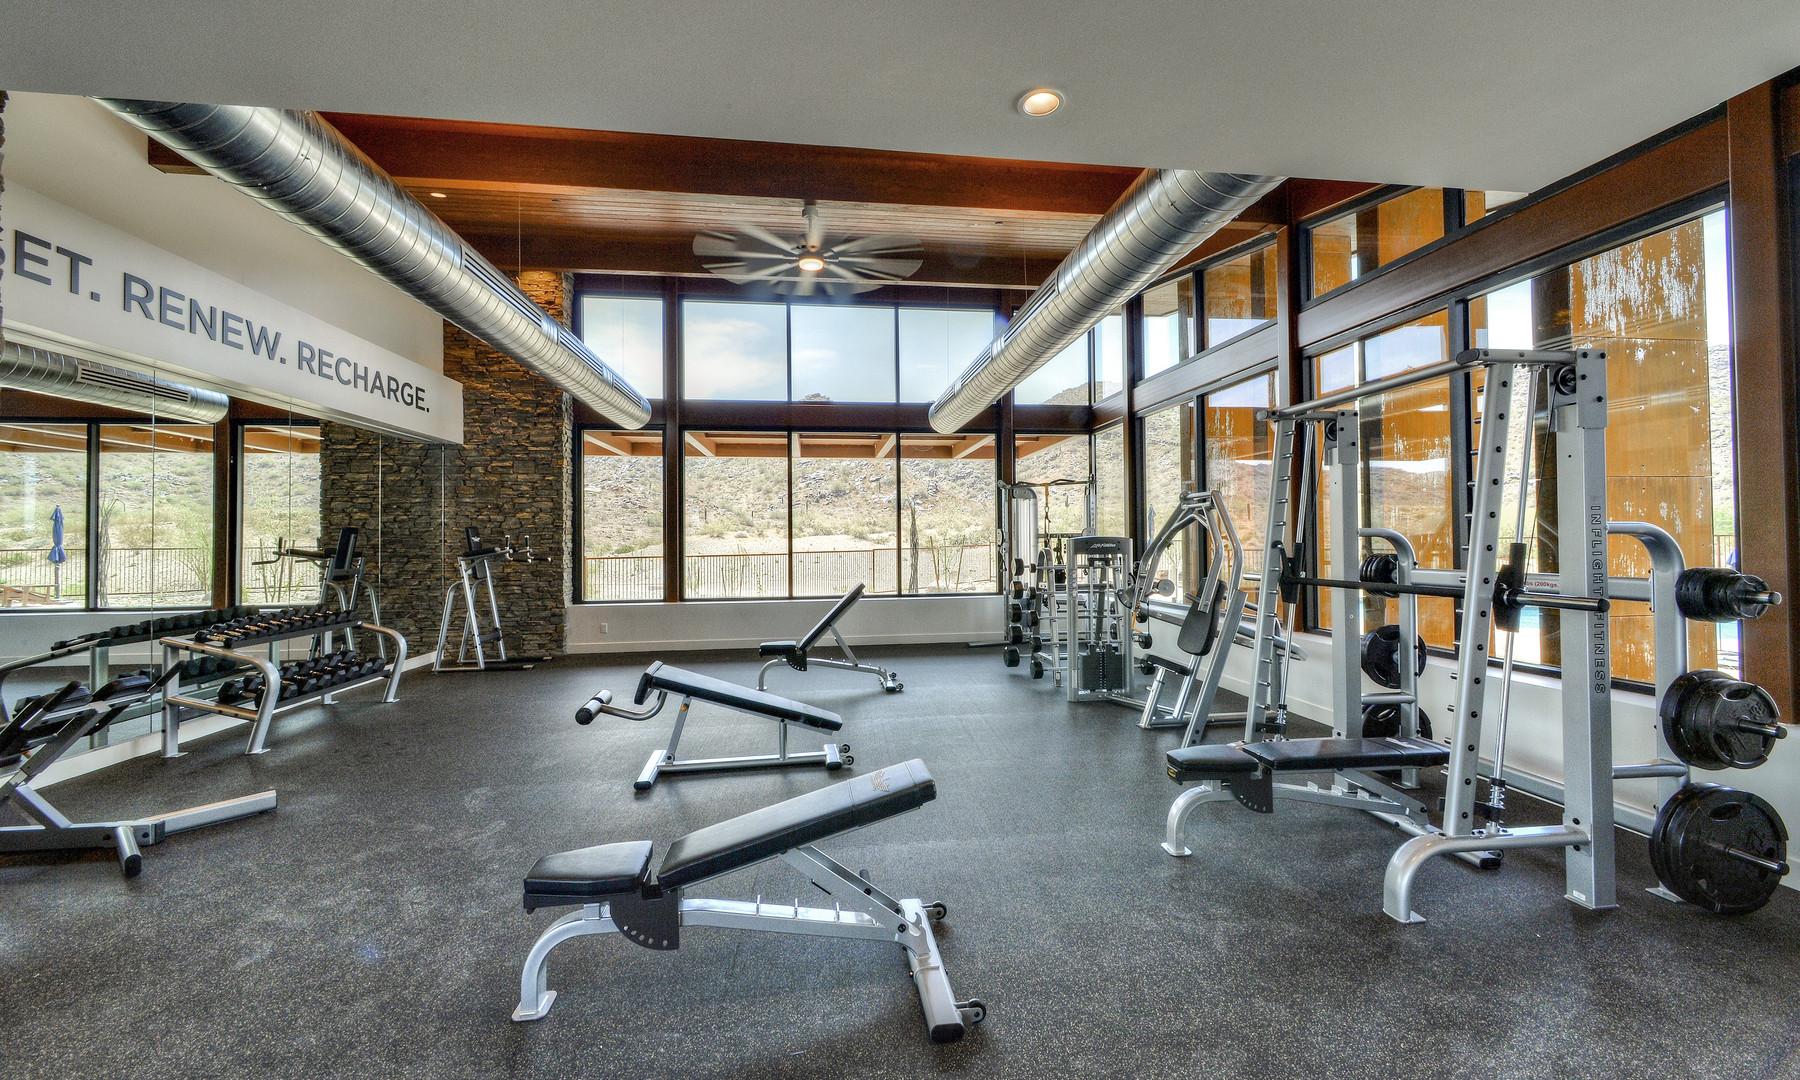 015_Fitness Center.jpg